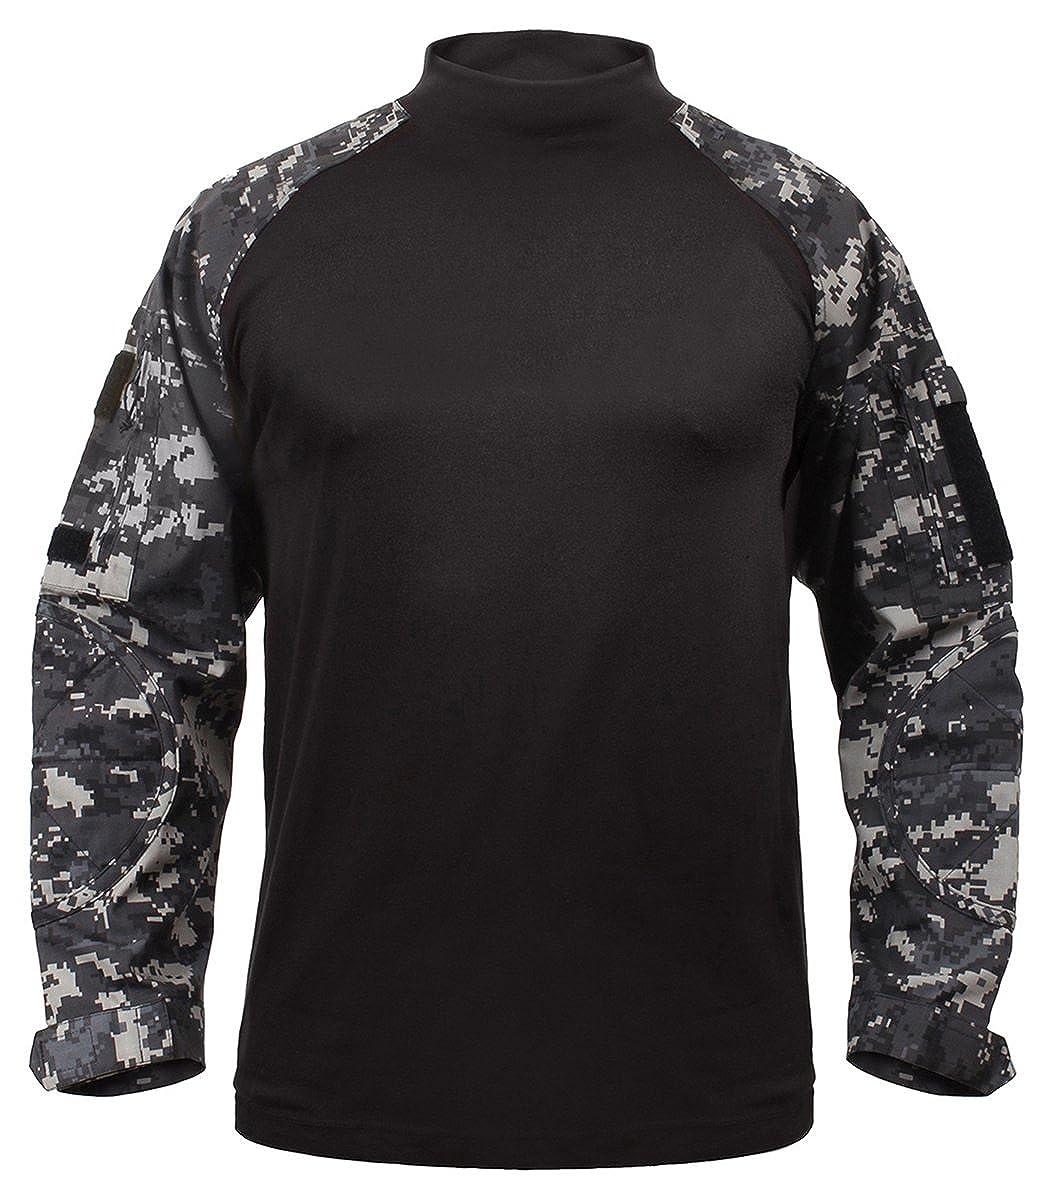 ロスコ ミリタリー コンバットシャツ ブラック ROTHCO MILITARY COMBAT SHIRT - BLACK 90010 B00E9AHRRG アーバンデジタルカモ(UDC) Medium